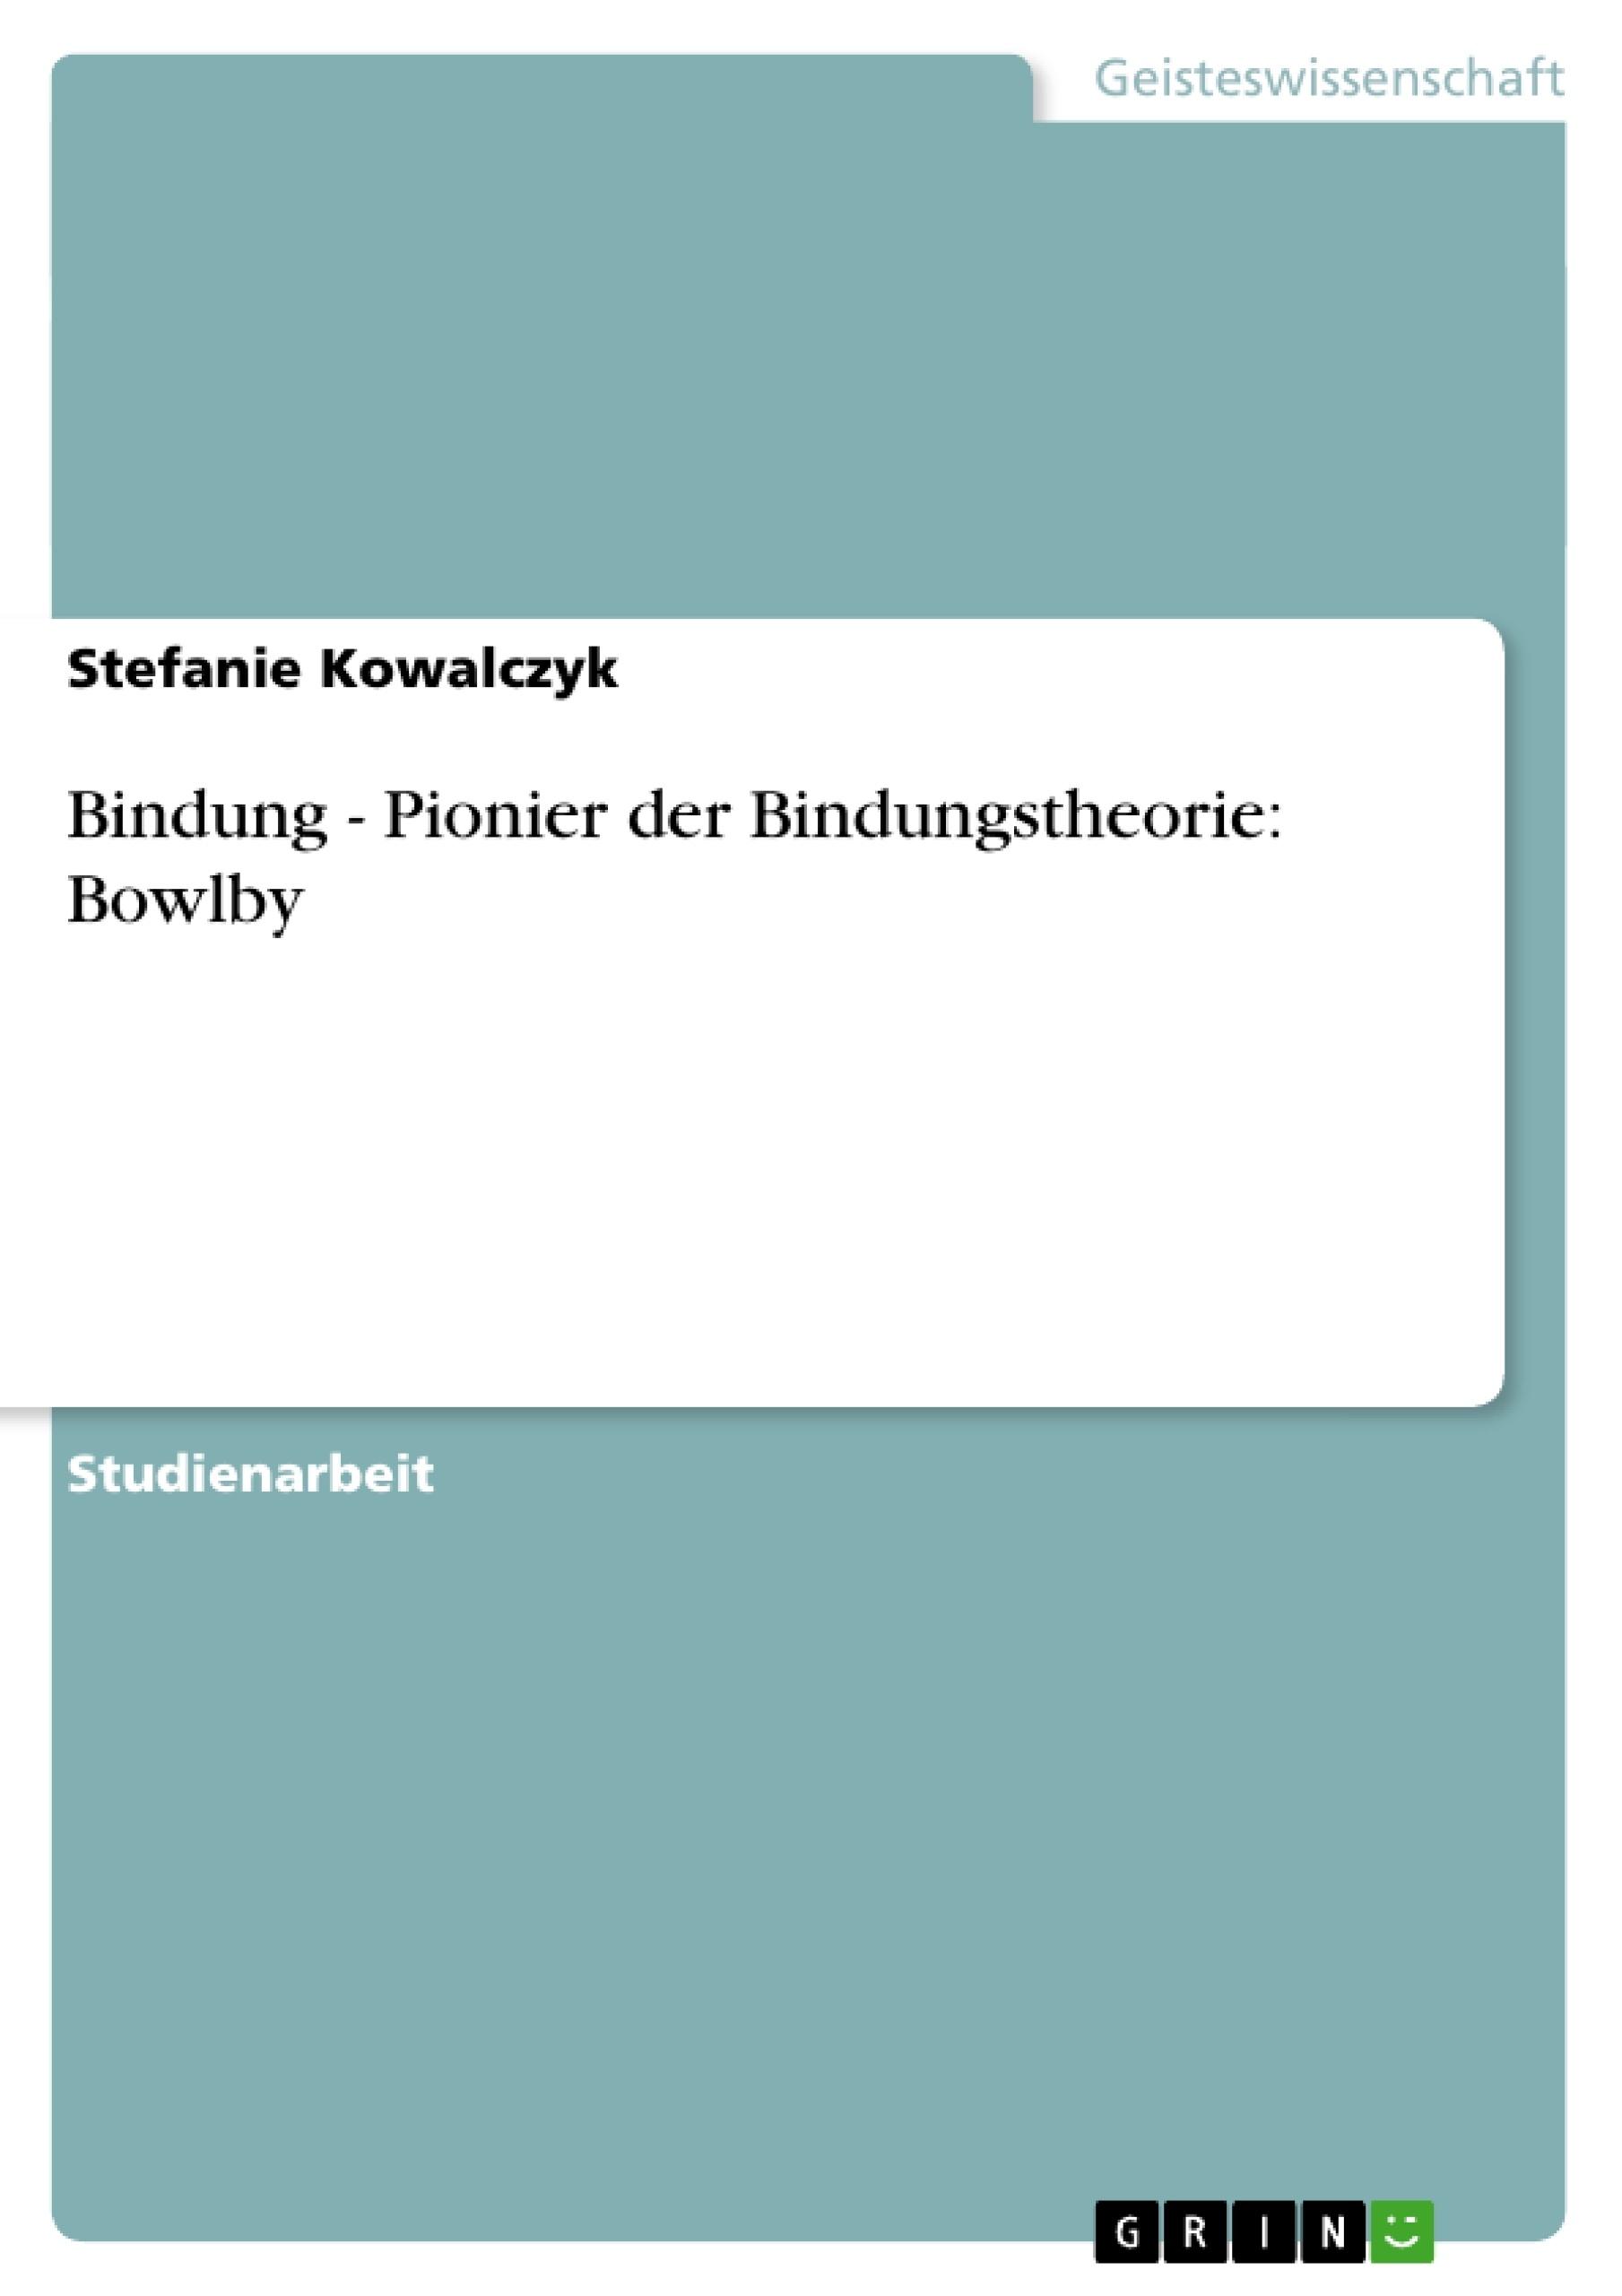 Titel: Bindung - Pionier der Bindungstheorie: Bowlby